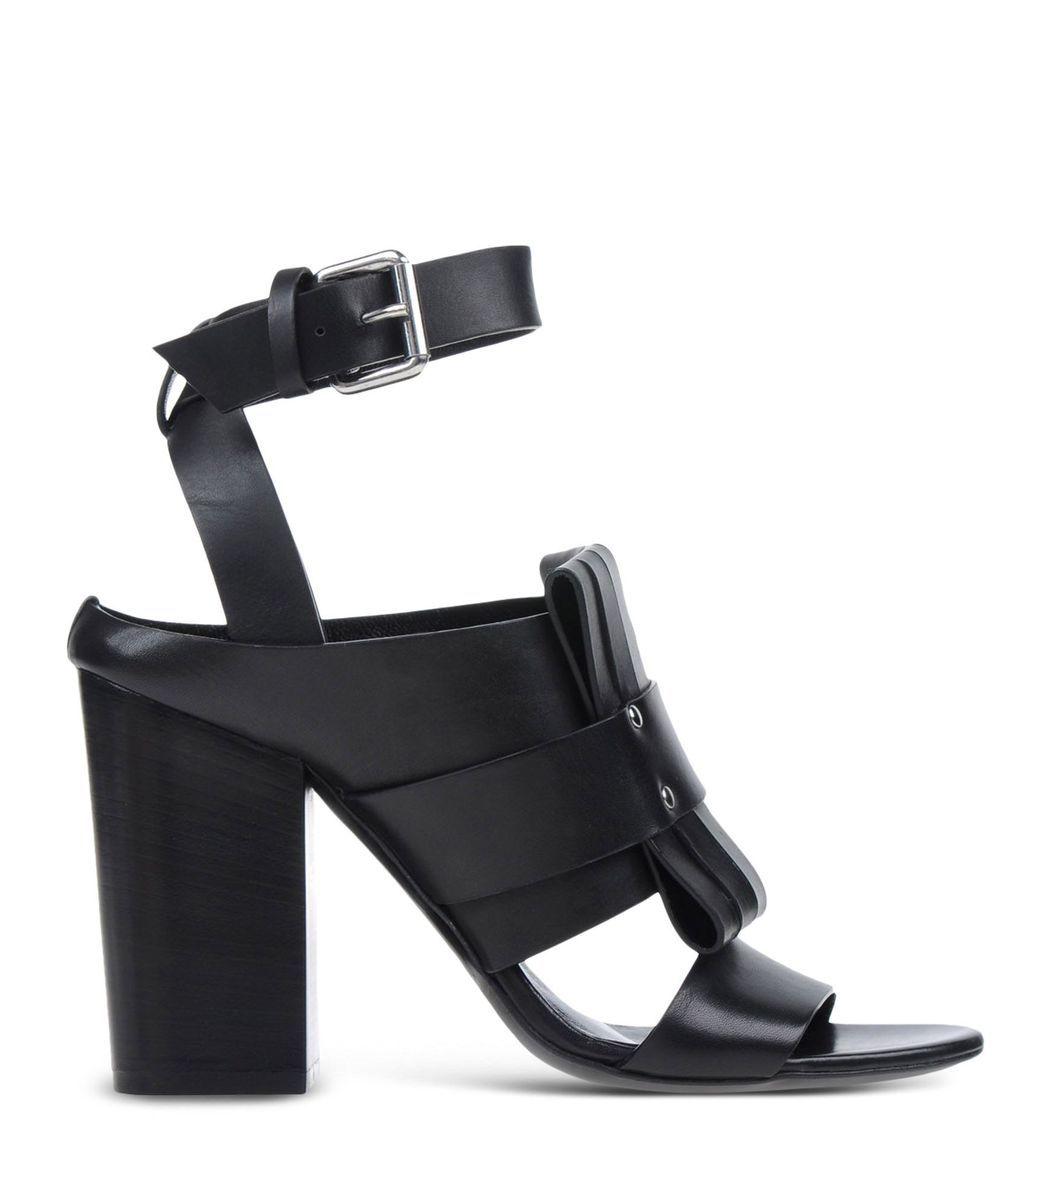 Mcq Alexander Mcqueen Black Leather Sandal   SHOES   Pinterest   Mon ... 84eca57e04a